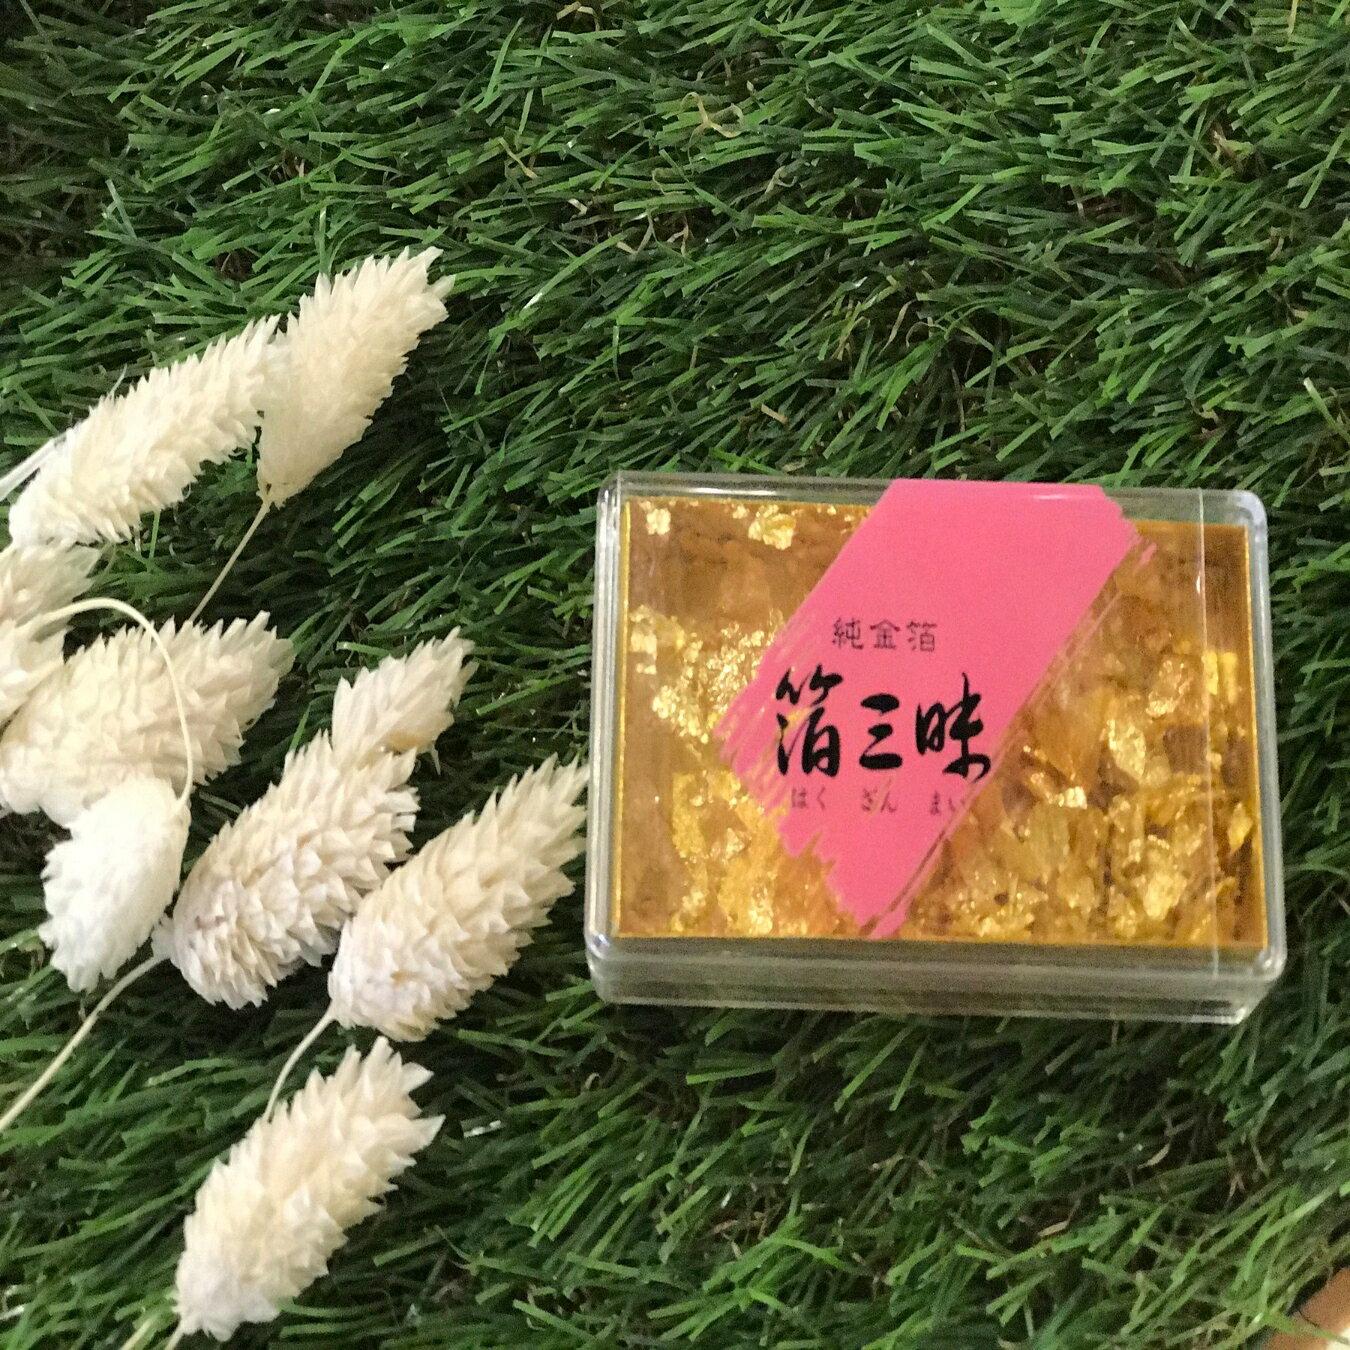 福利品:日本金澤 金箔屋 箔三味 食用金箔 (小)日本直送 百年老店 值得信賴 4